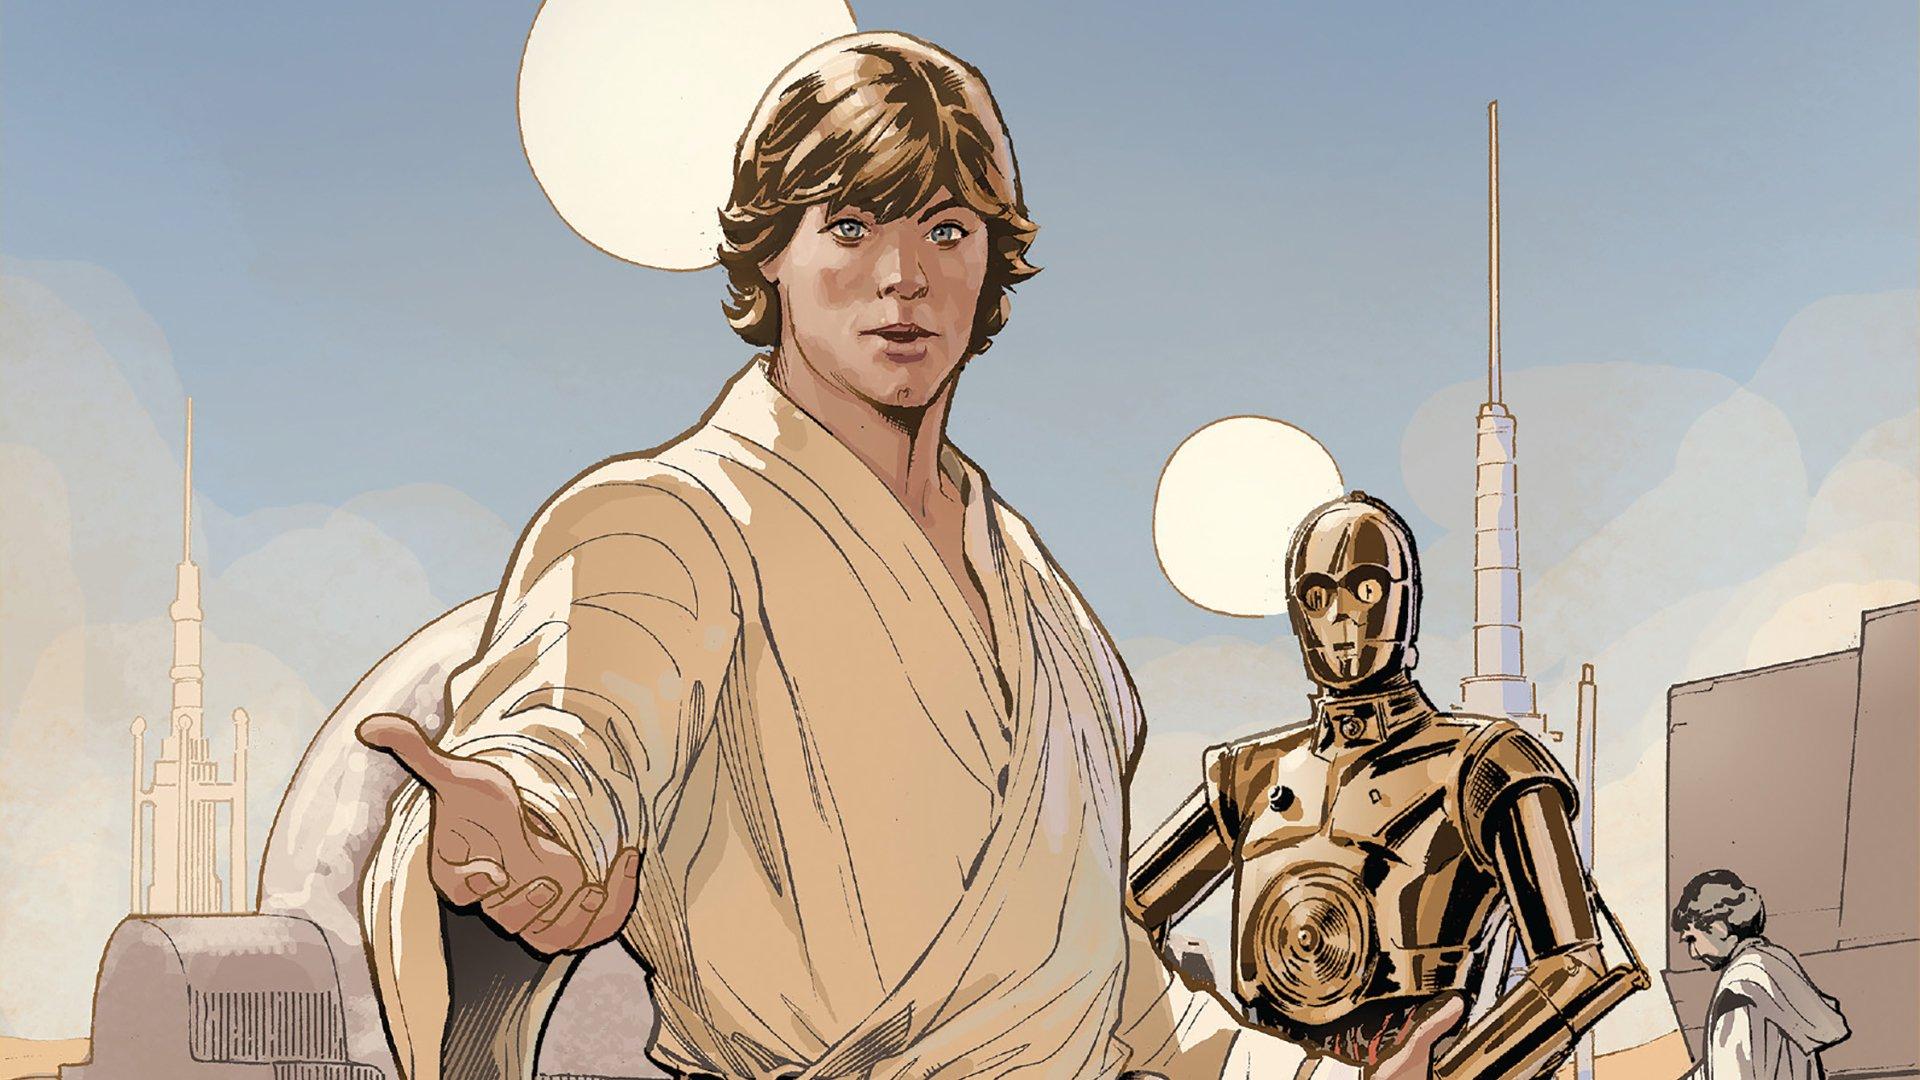 Luke Skywalker Hd Wallpaper Background Image 1920x1080 Id 876193 Wallpaper Abyss